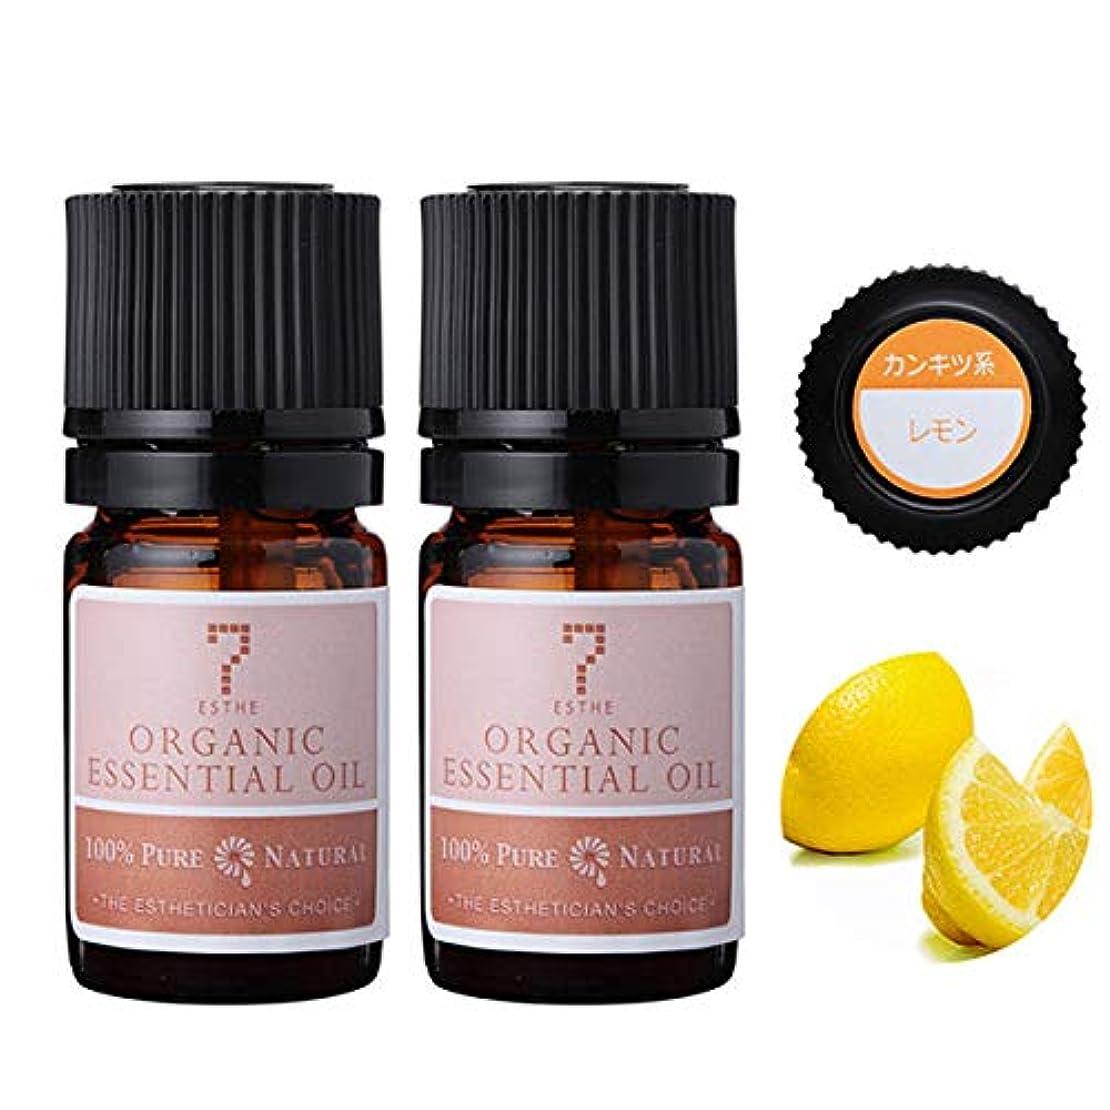 重要な役割を果たす、中心的な手段となる側リボン< 7エステ > オーガニックレモン 3mL (2個セット) [ アロマオイル エッセンシャルオイル アロマ精油 オーガニック 精油 天然 柑橘系 アロママッサージ アロマテラピー ]